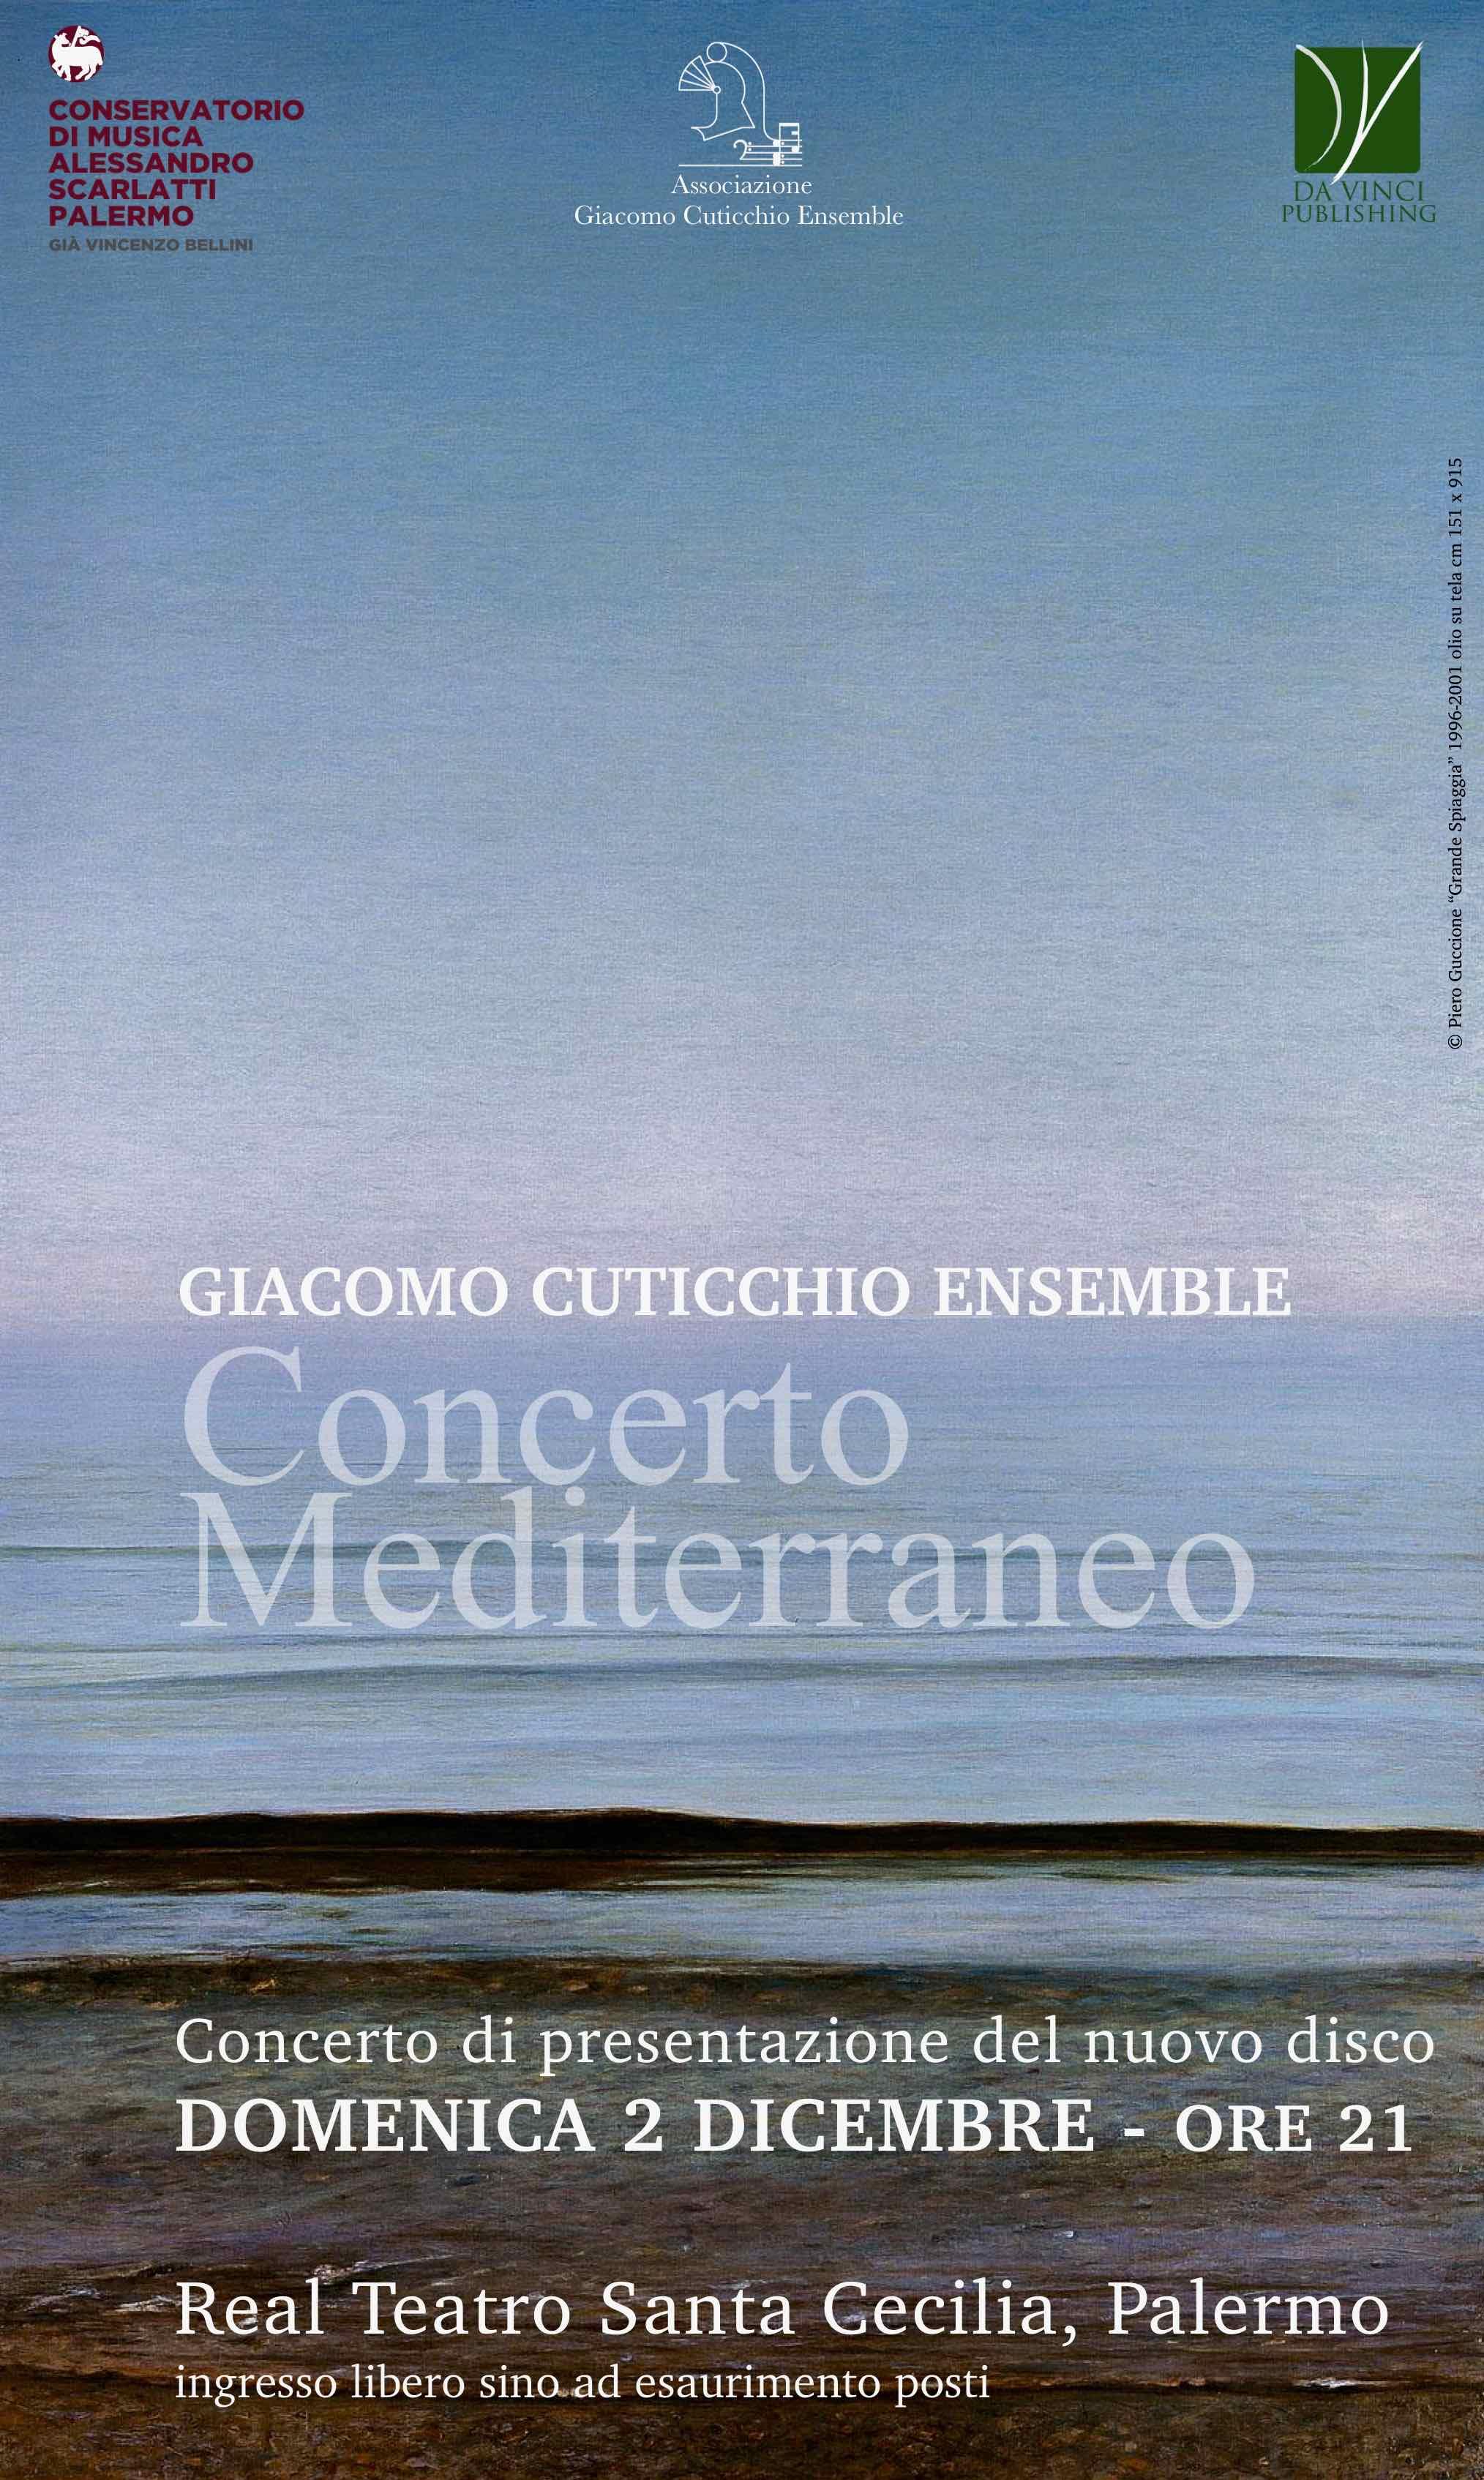 CONCERTO E PRESENTAZIONE DEL NUOVO DISCO DEL Giacomo Cuticchio Ensemble Domenica 2 dicembre 2018 ore 21 Palermo, Real Teatro Santa Cecilia